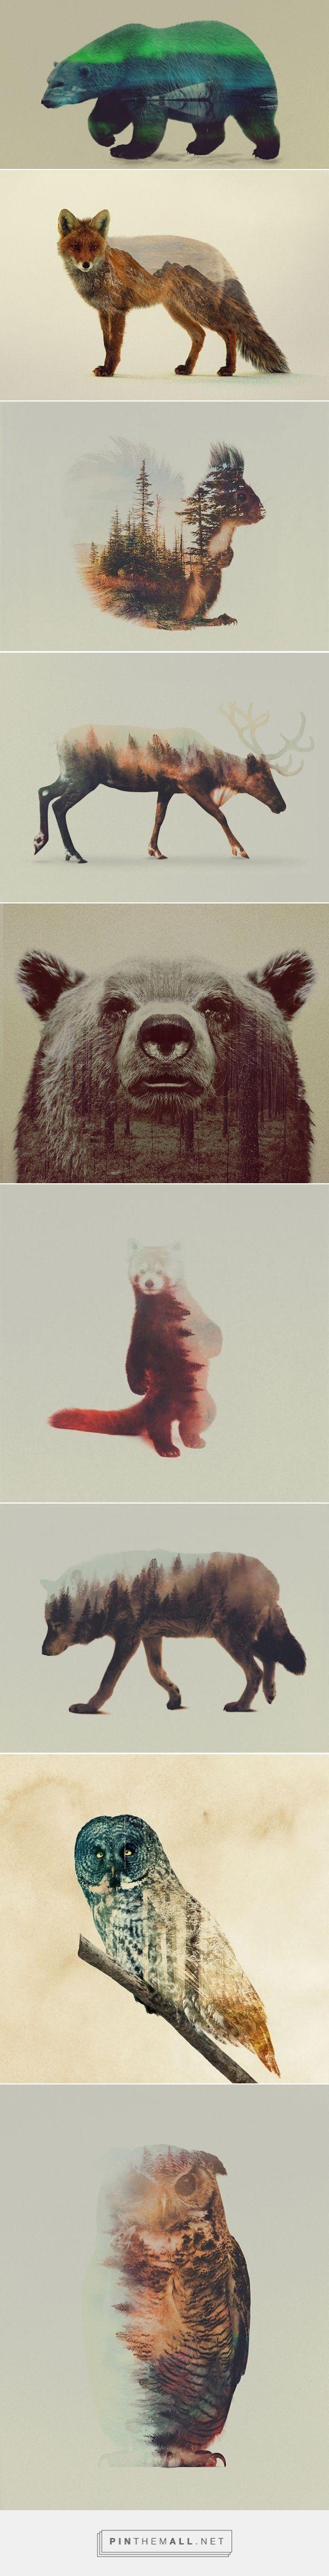 ANDREAS LIE | Animales con piel de paisaje